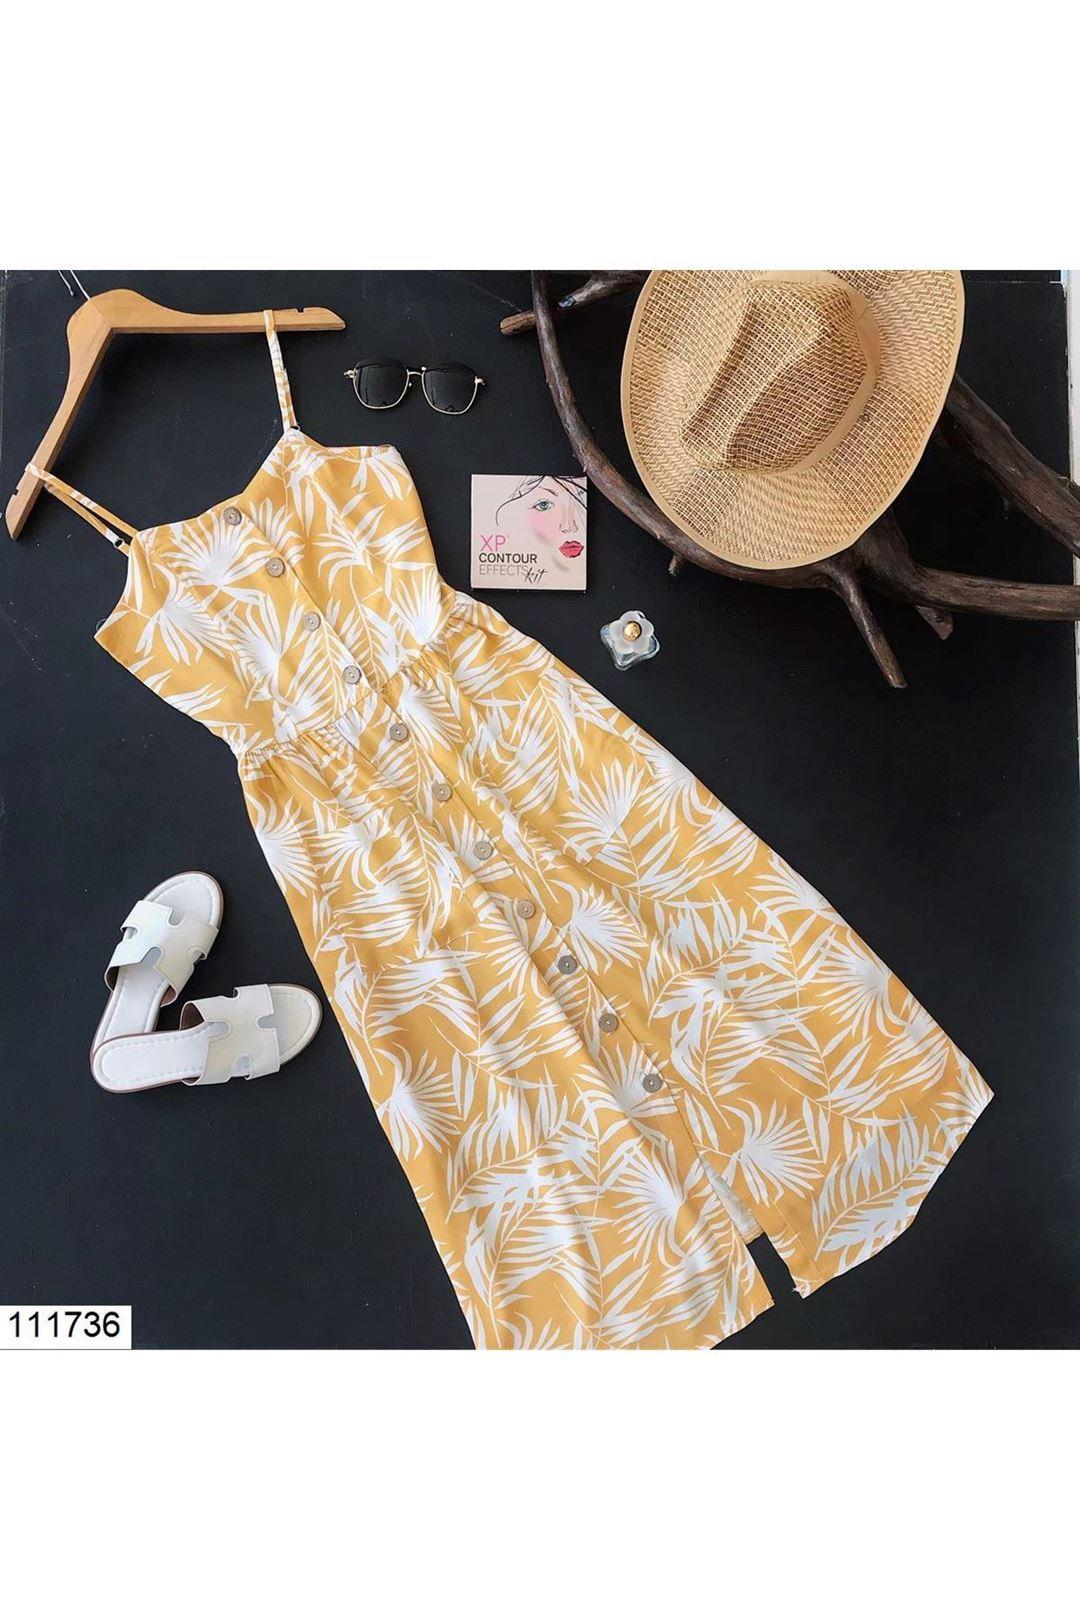 Önü Düğmeli Cepli Sarı Midi Boy Kadın Elbise 111736